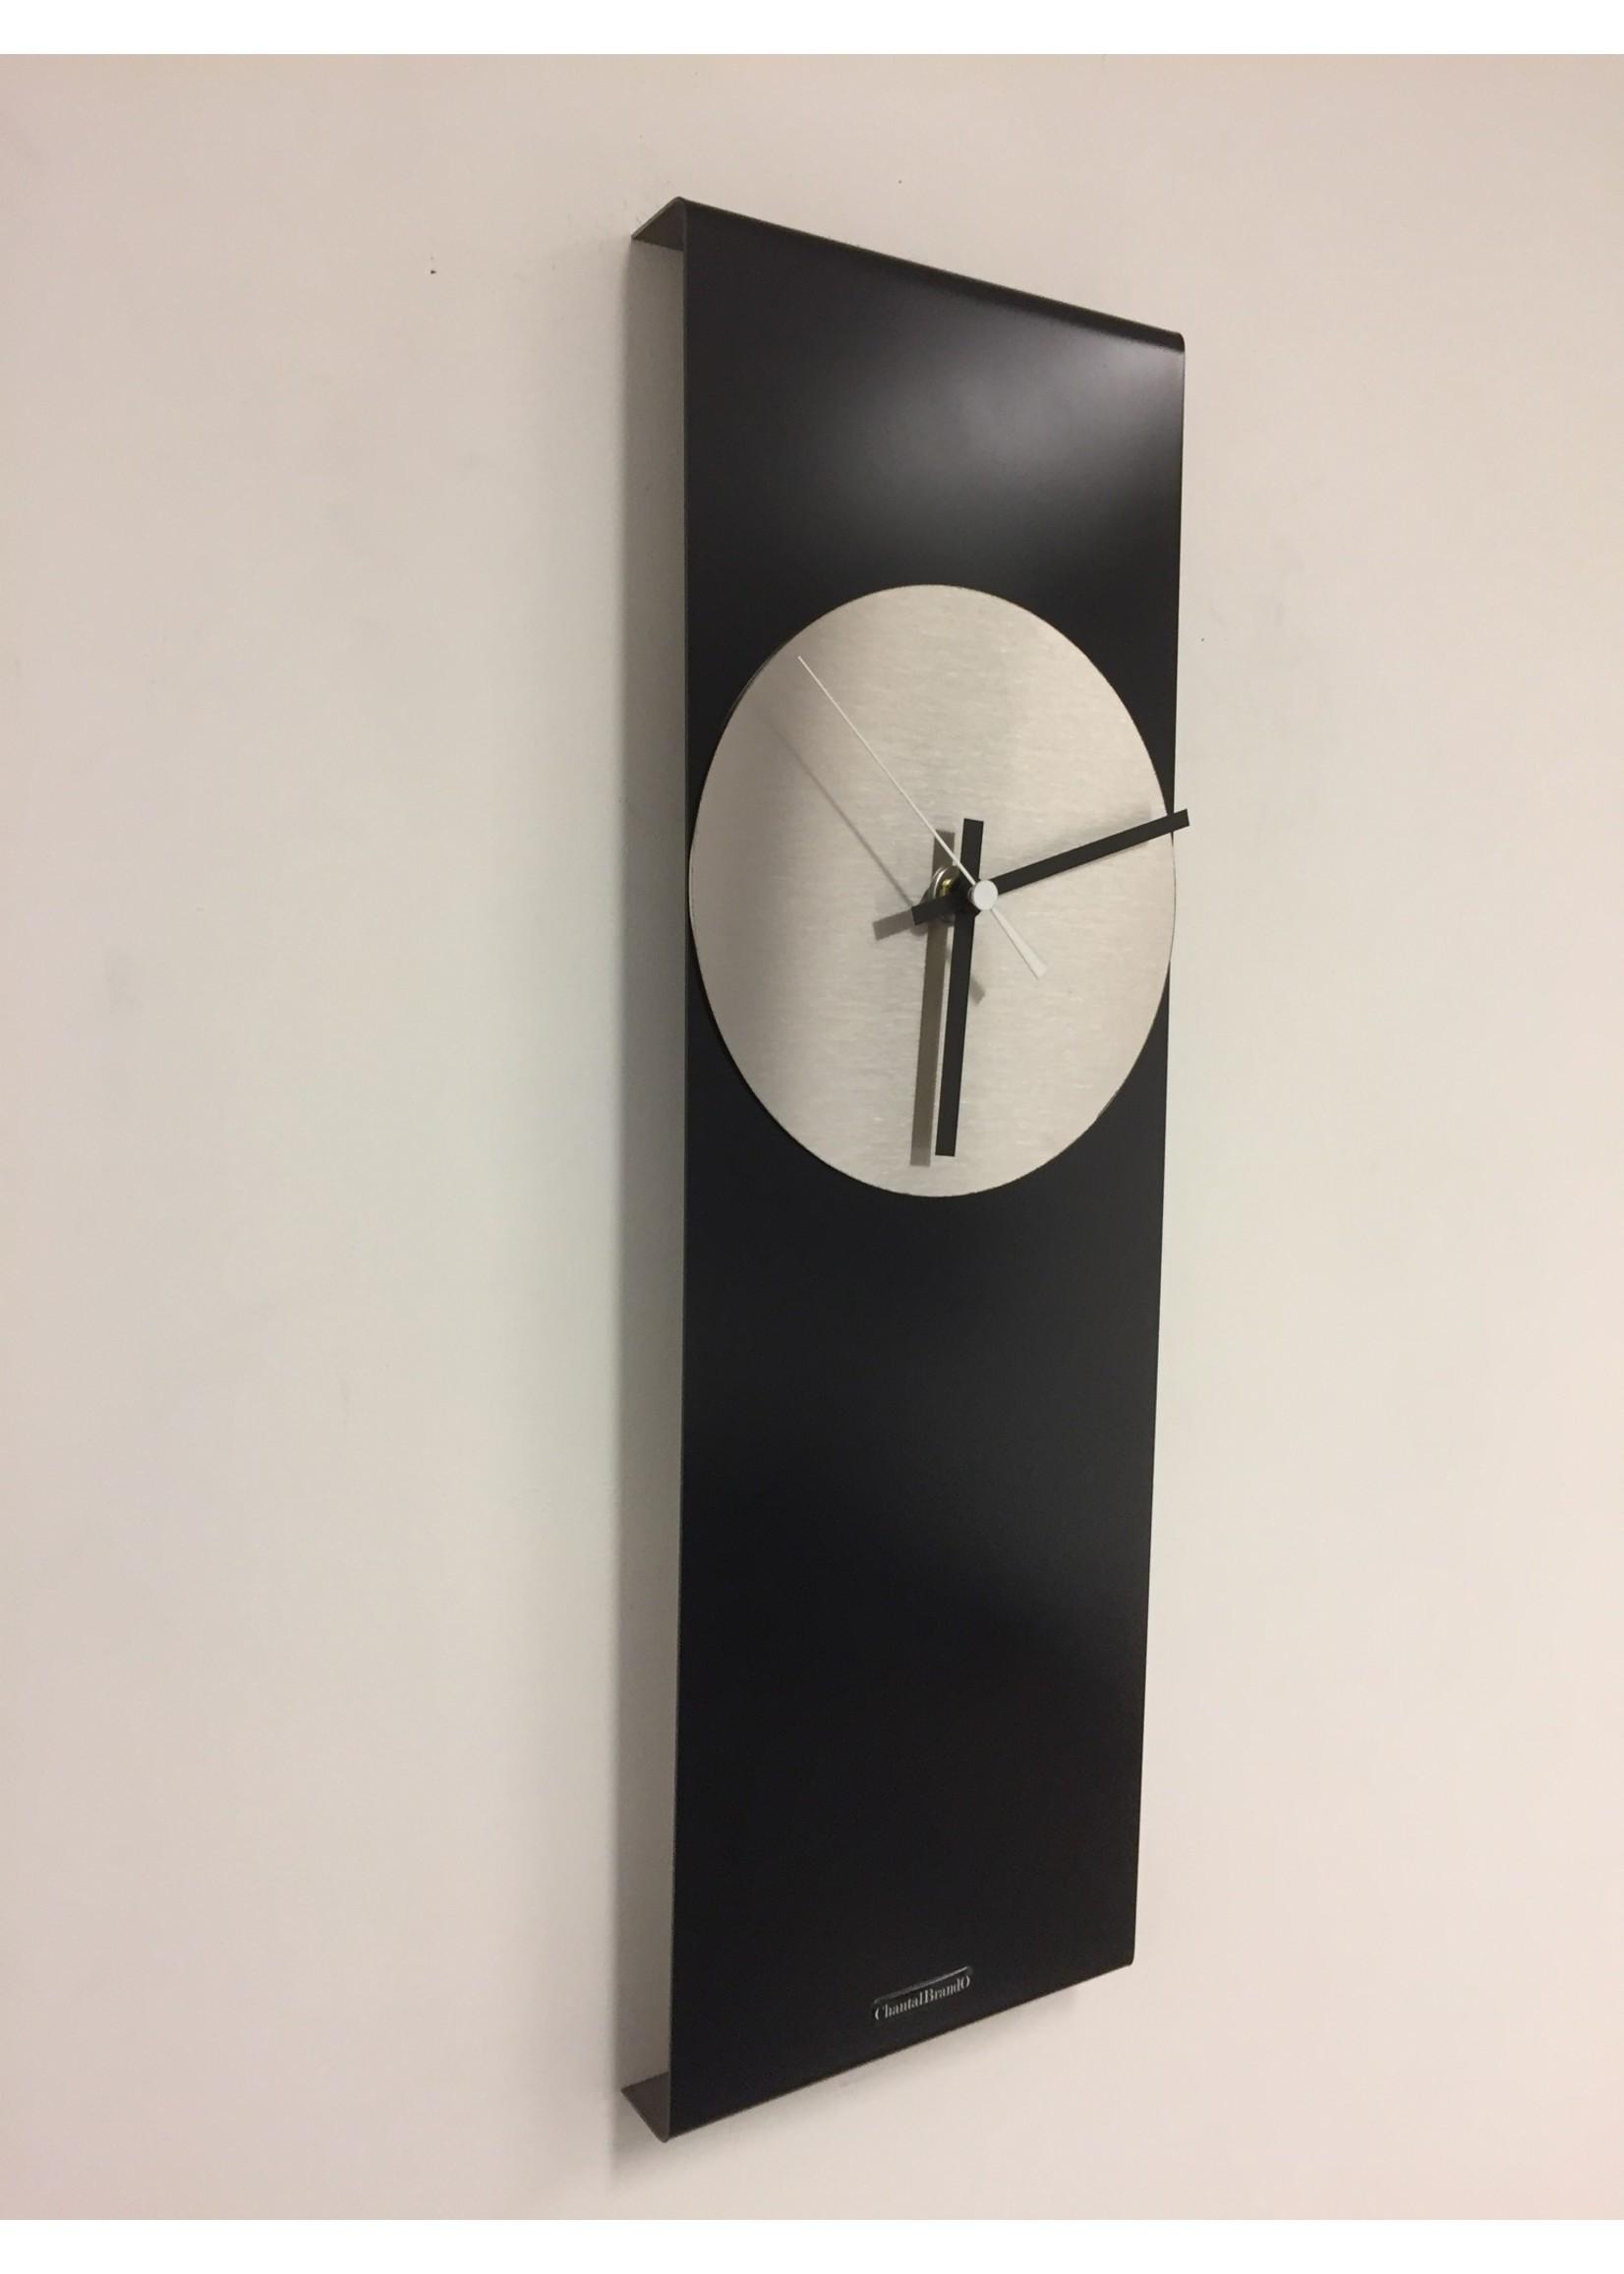 Klokkendiscounter Wandklok LaBrand Export Design Black & White Pointer